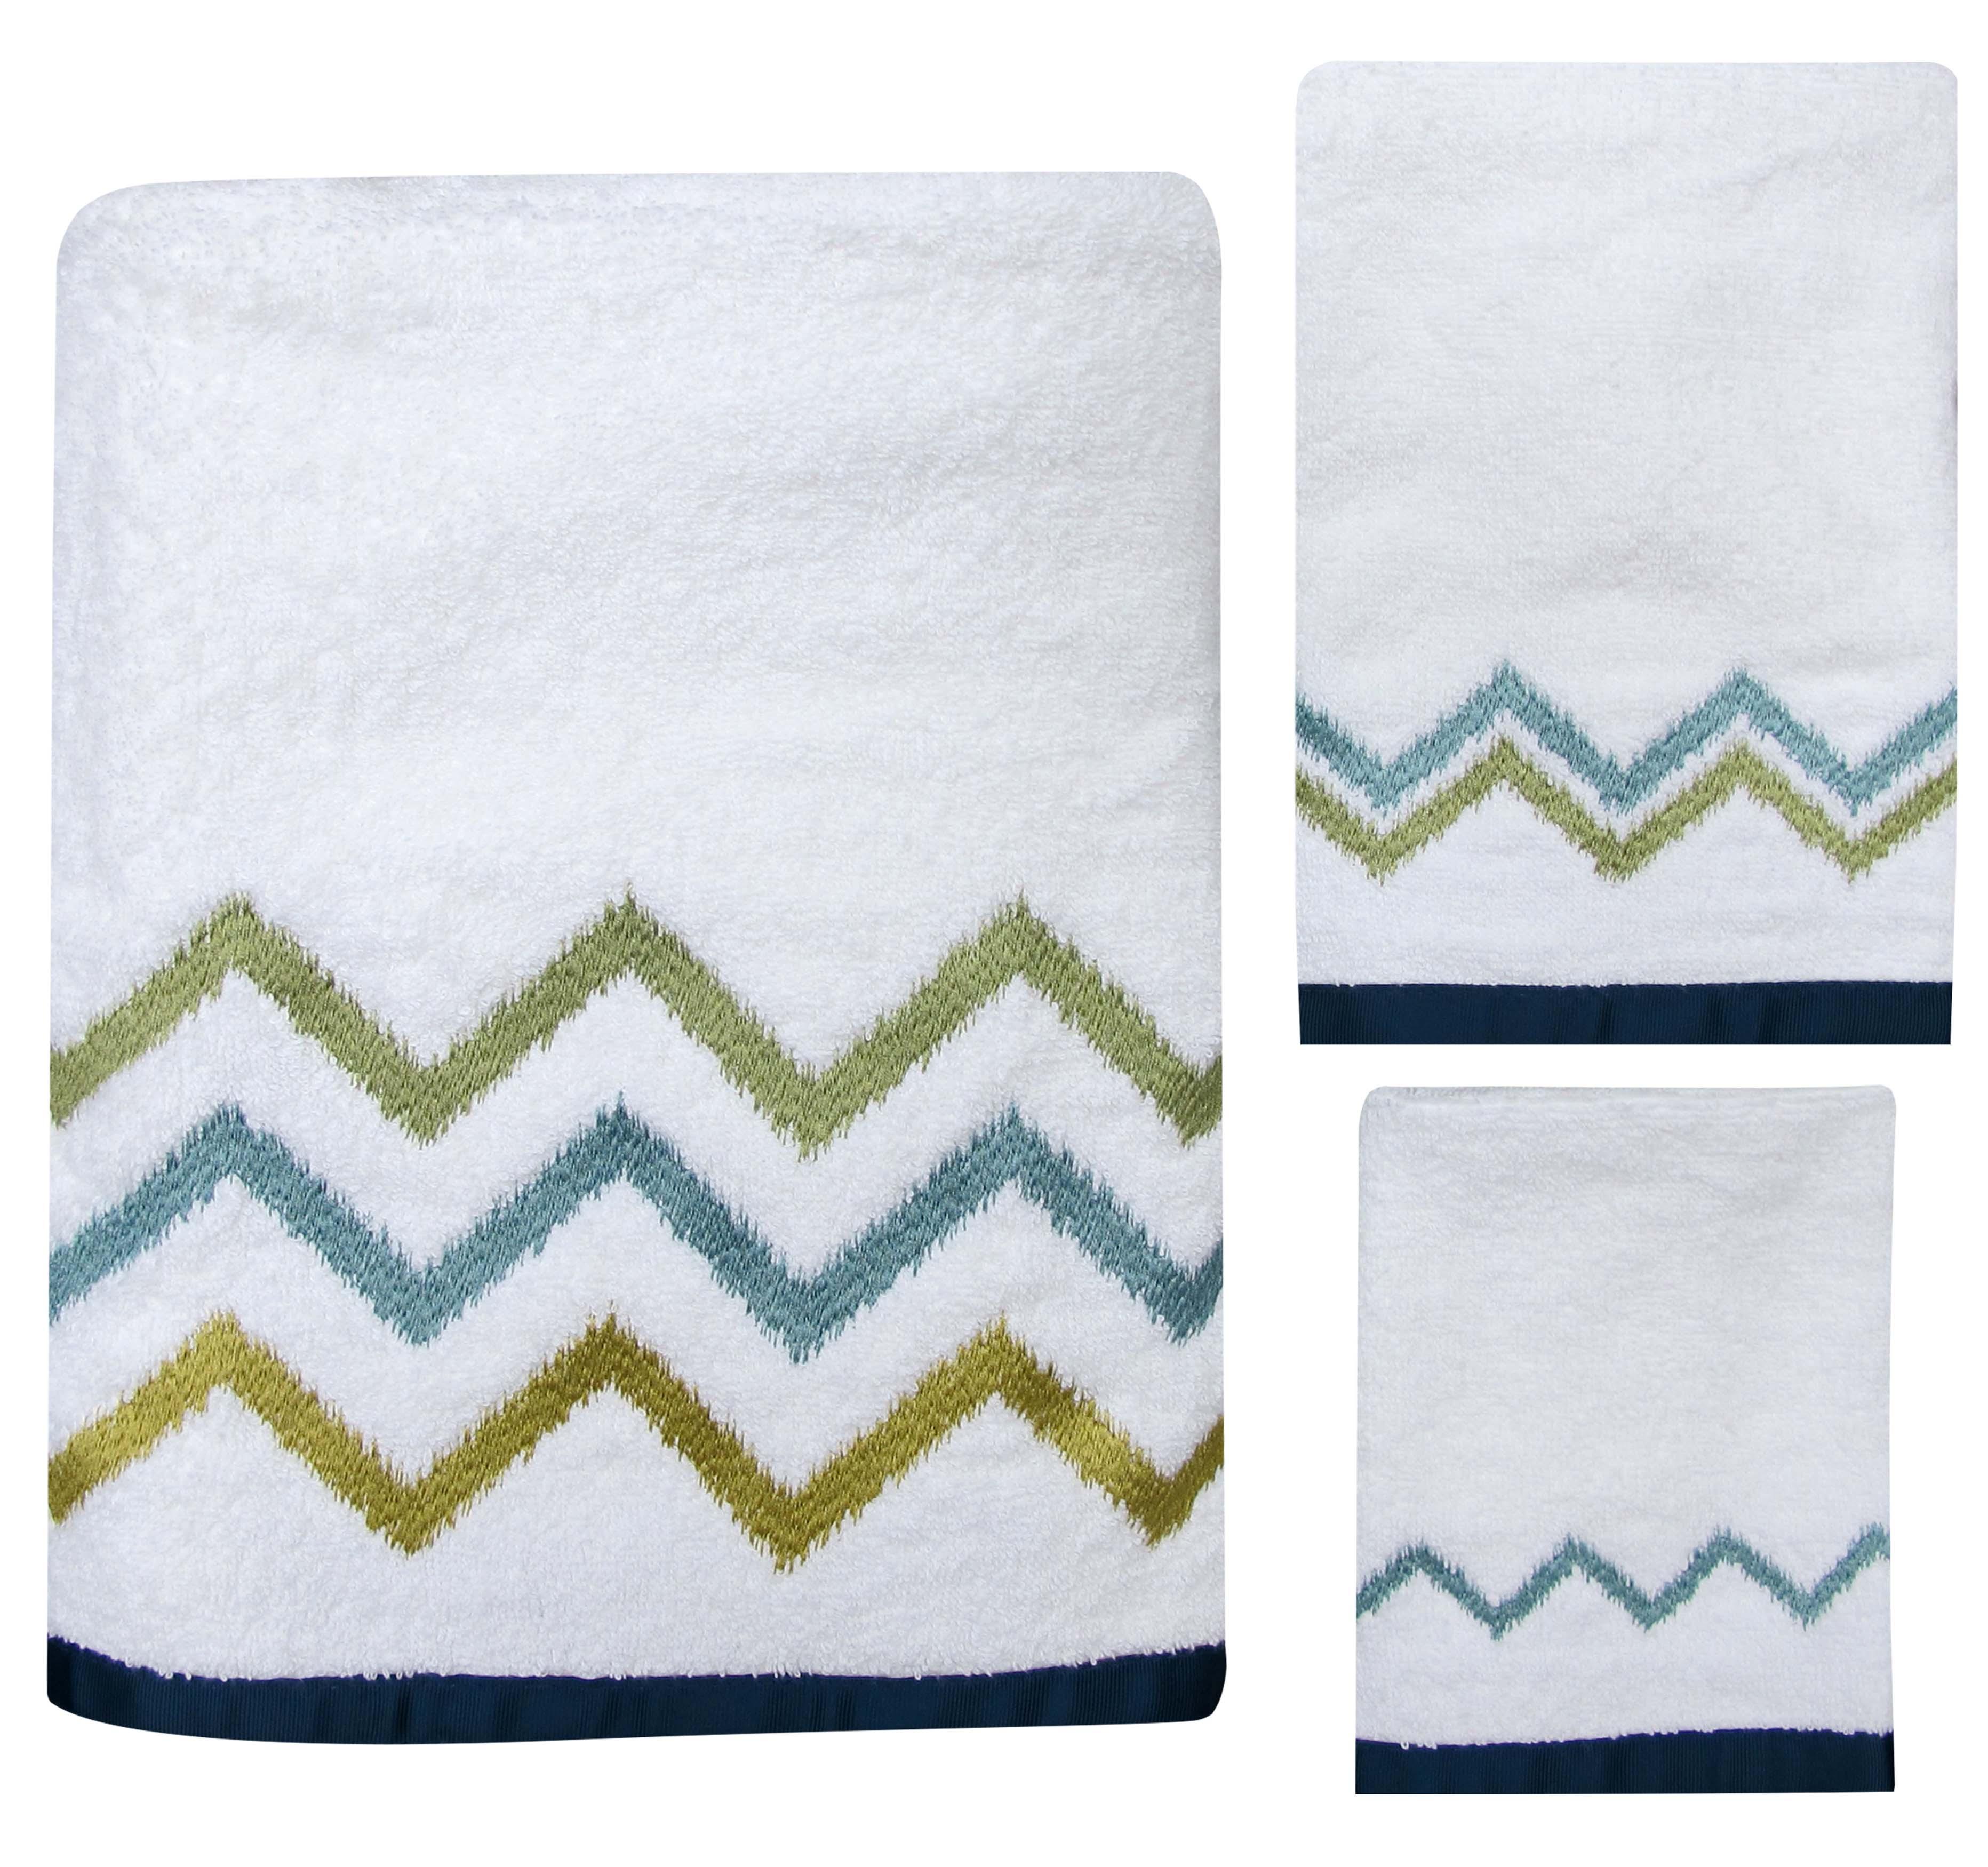 100% cotton Ikat Stripe Towel Set 3-piece set by Allure Home Creation